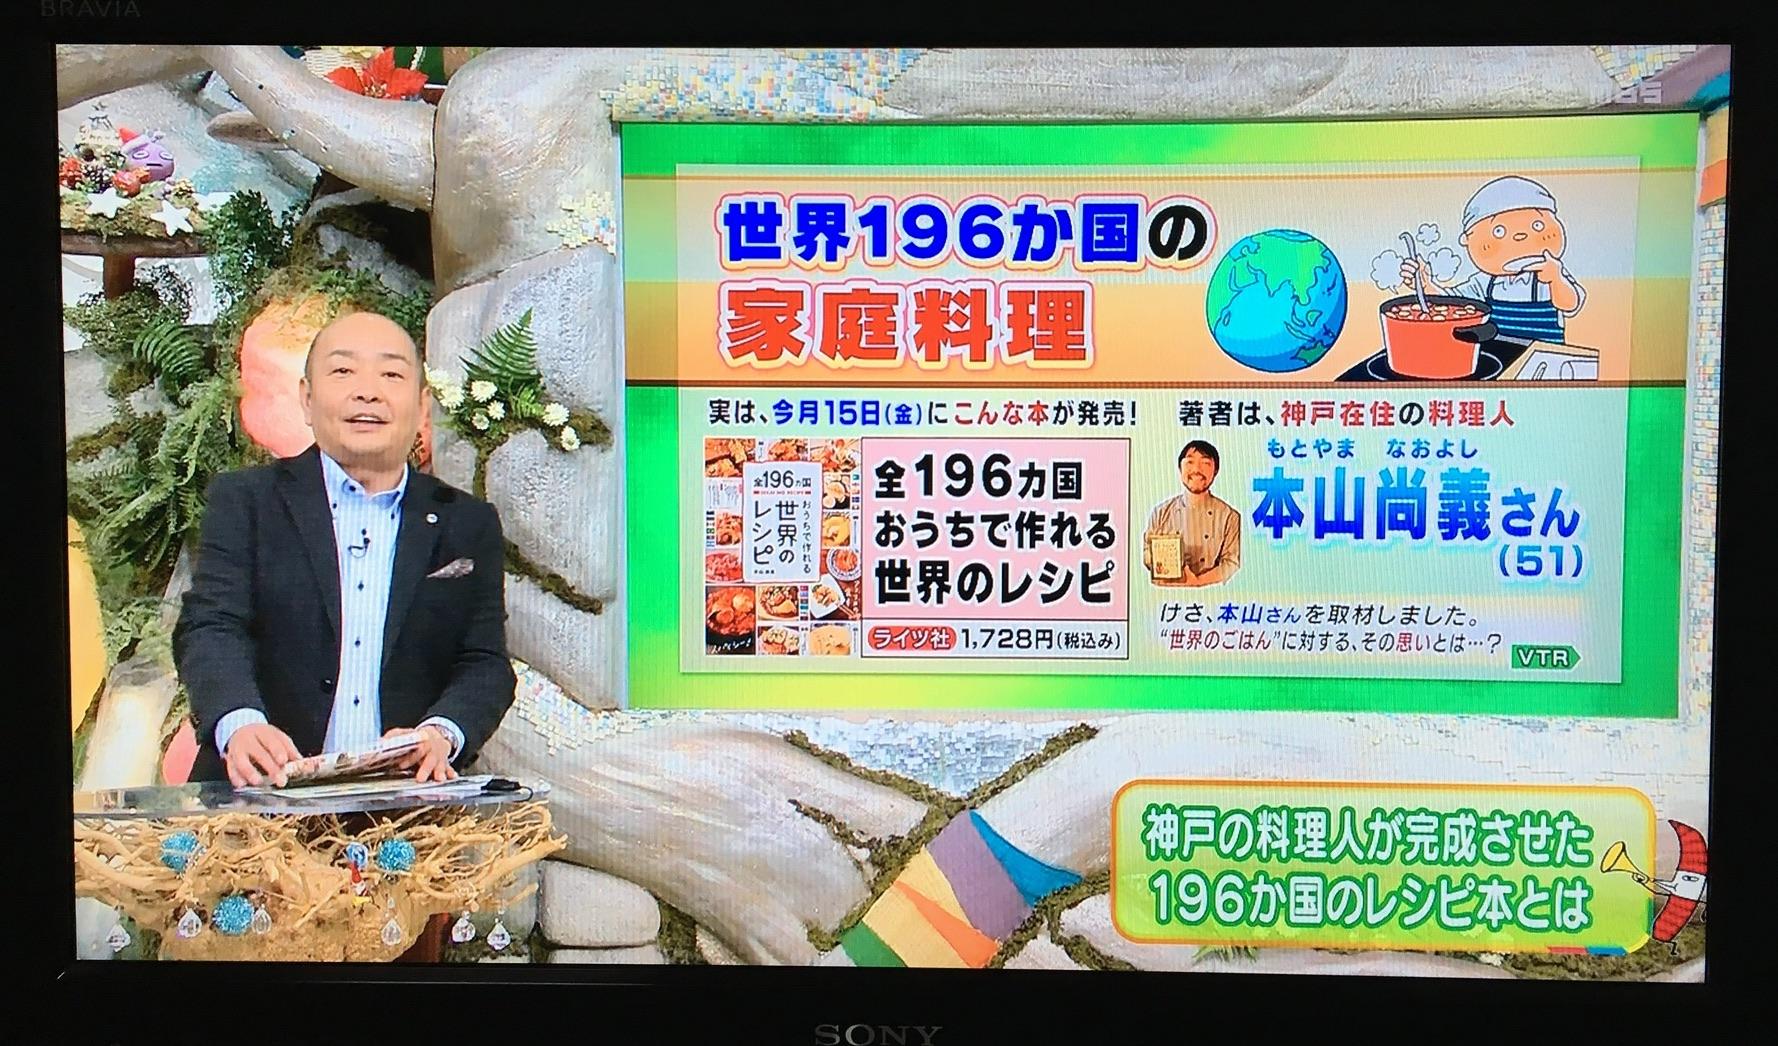 「テレビで紹介されました!『全196ヵ国おうちで作れる世界のレシピ』」記事アイキャッチ画像